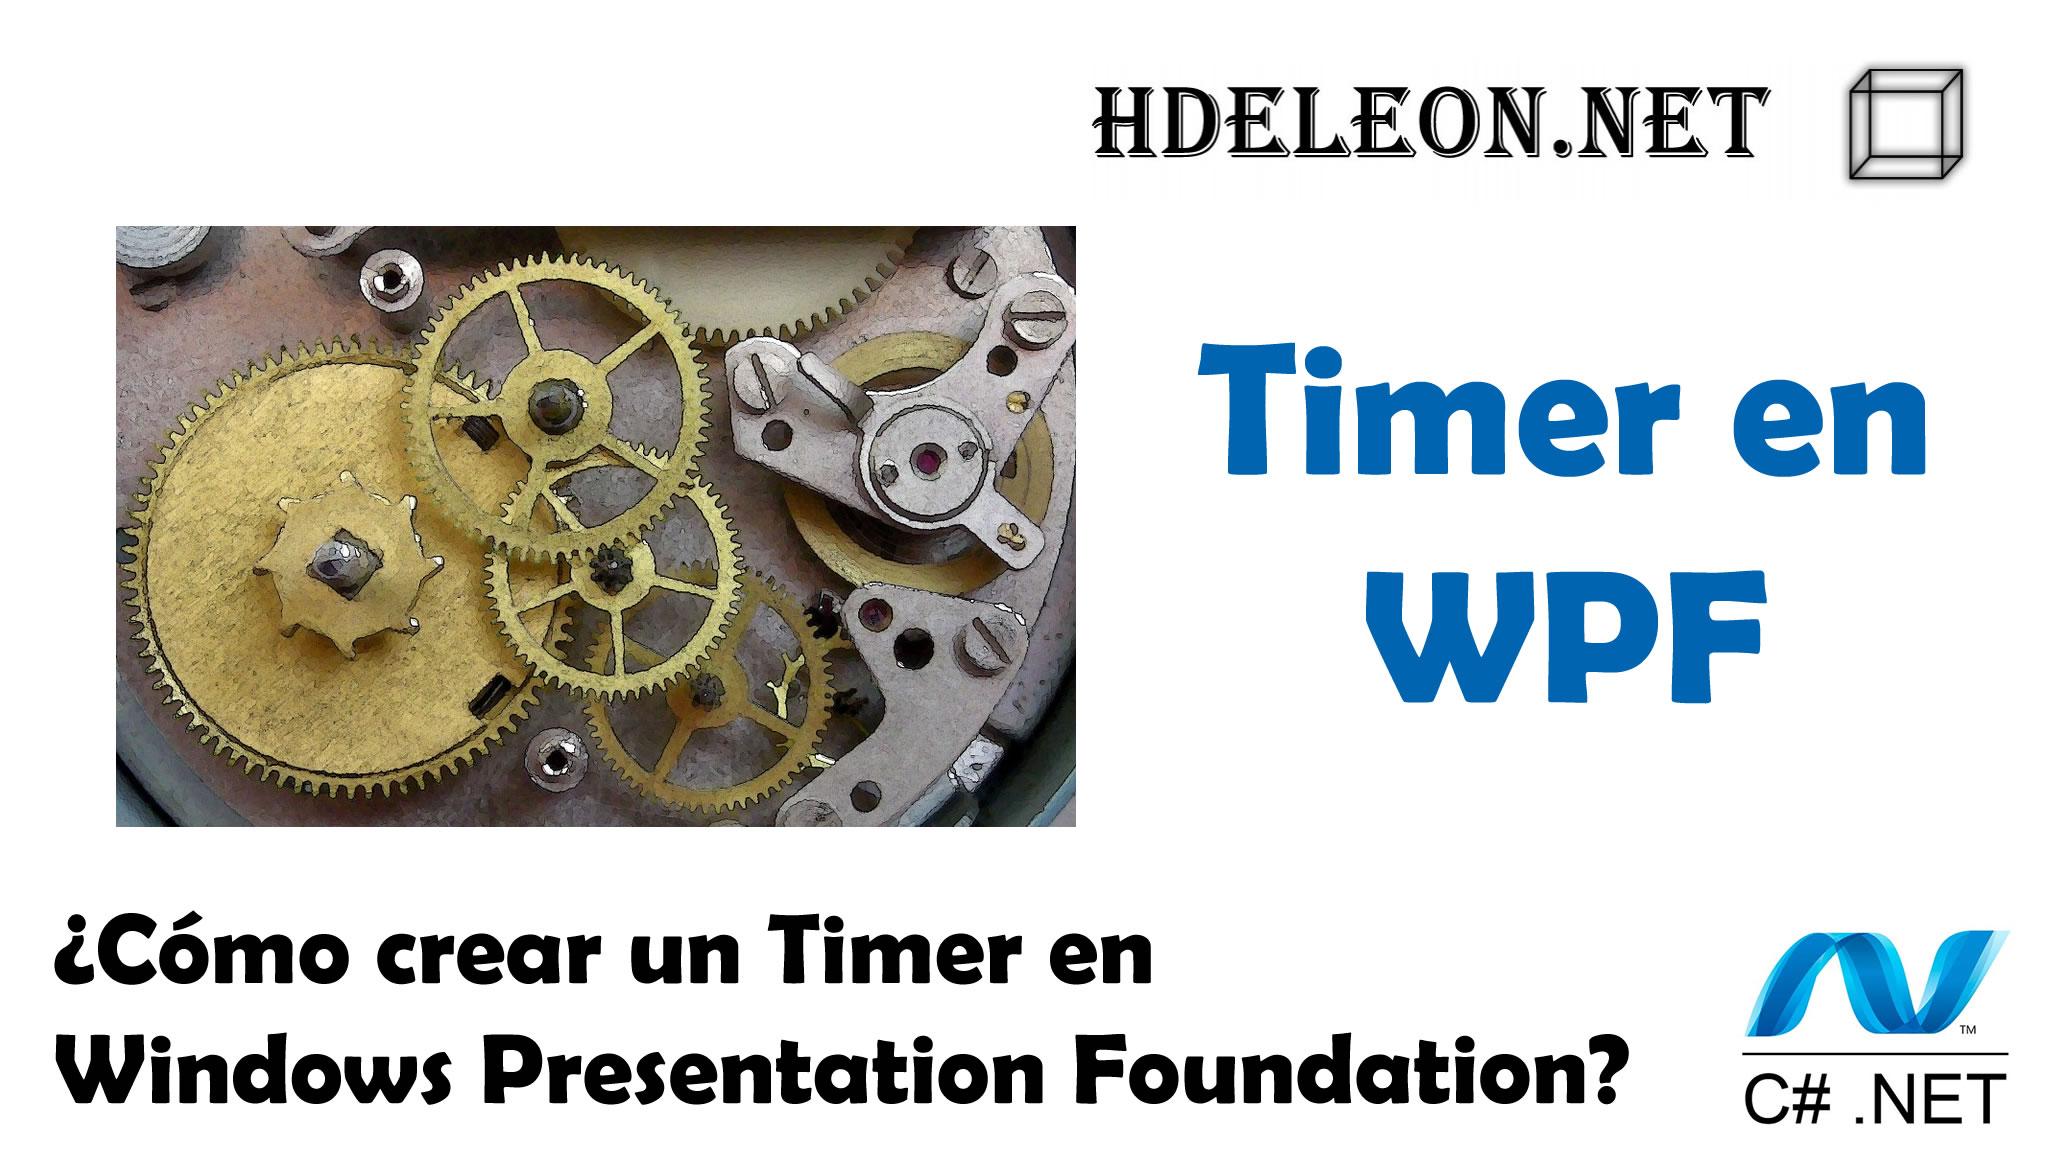 ¿Cómo crear un Timer en Windows Presentation Foundation?, WPF C# .Net